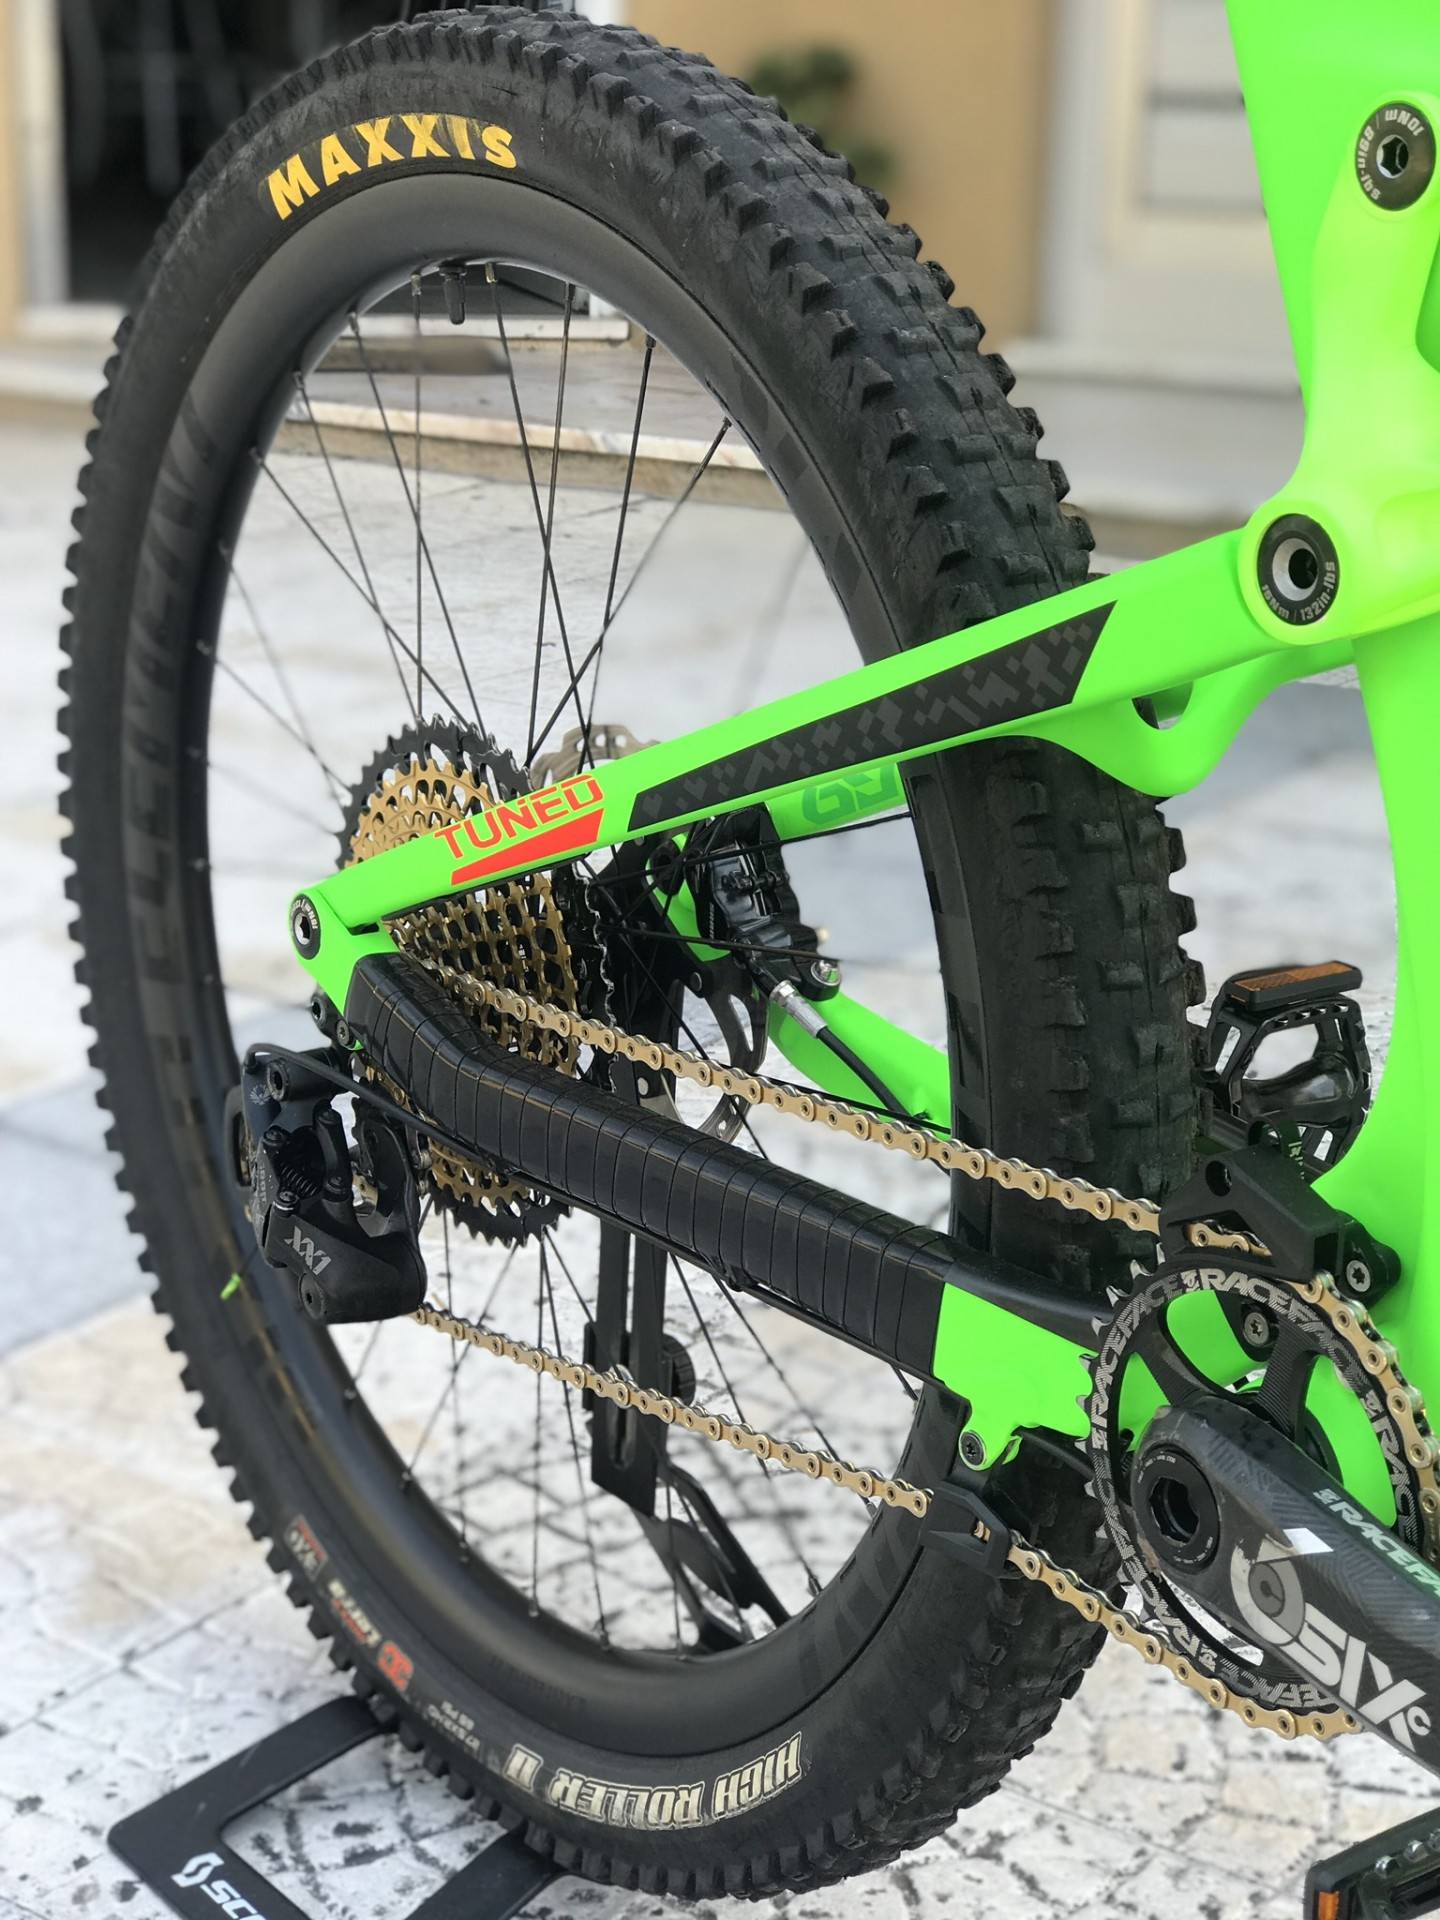 Bicicleta Scott genius 700 Tuned Carbono